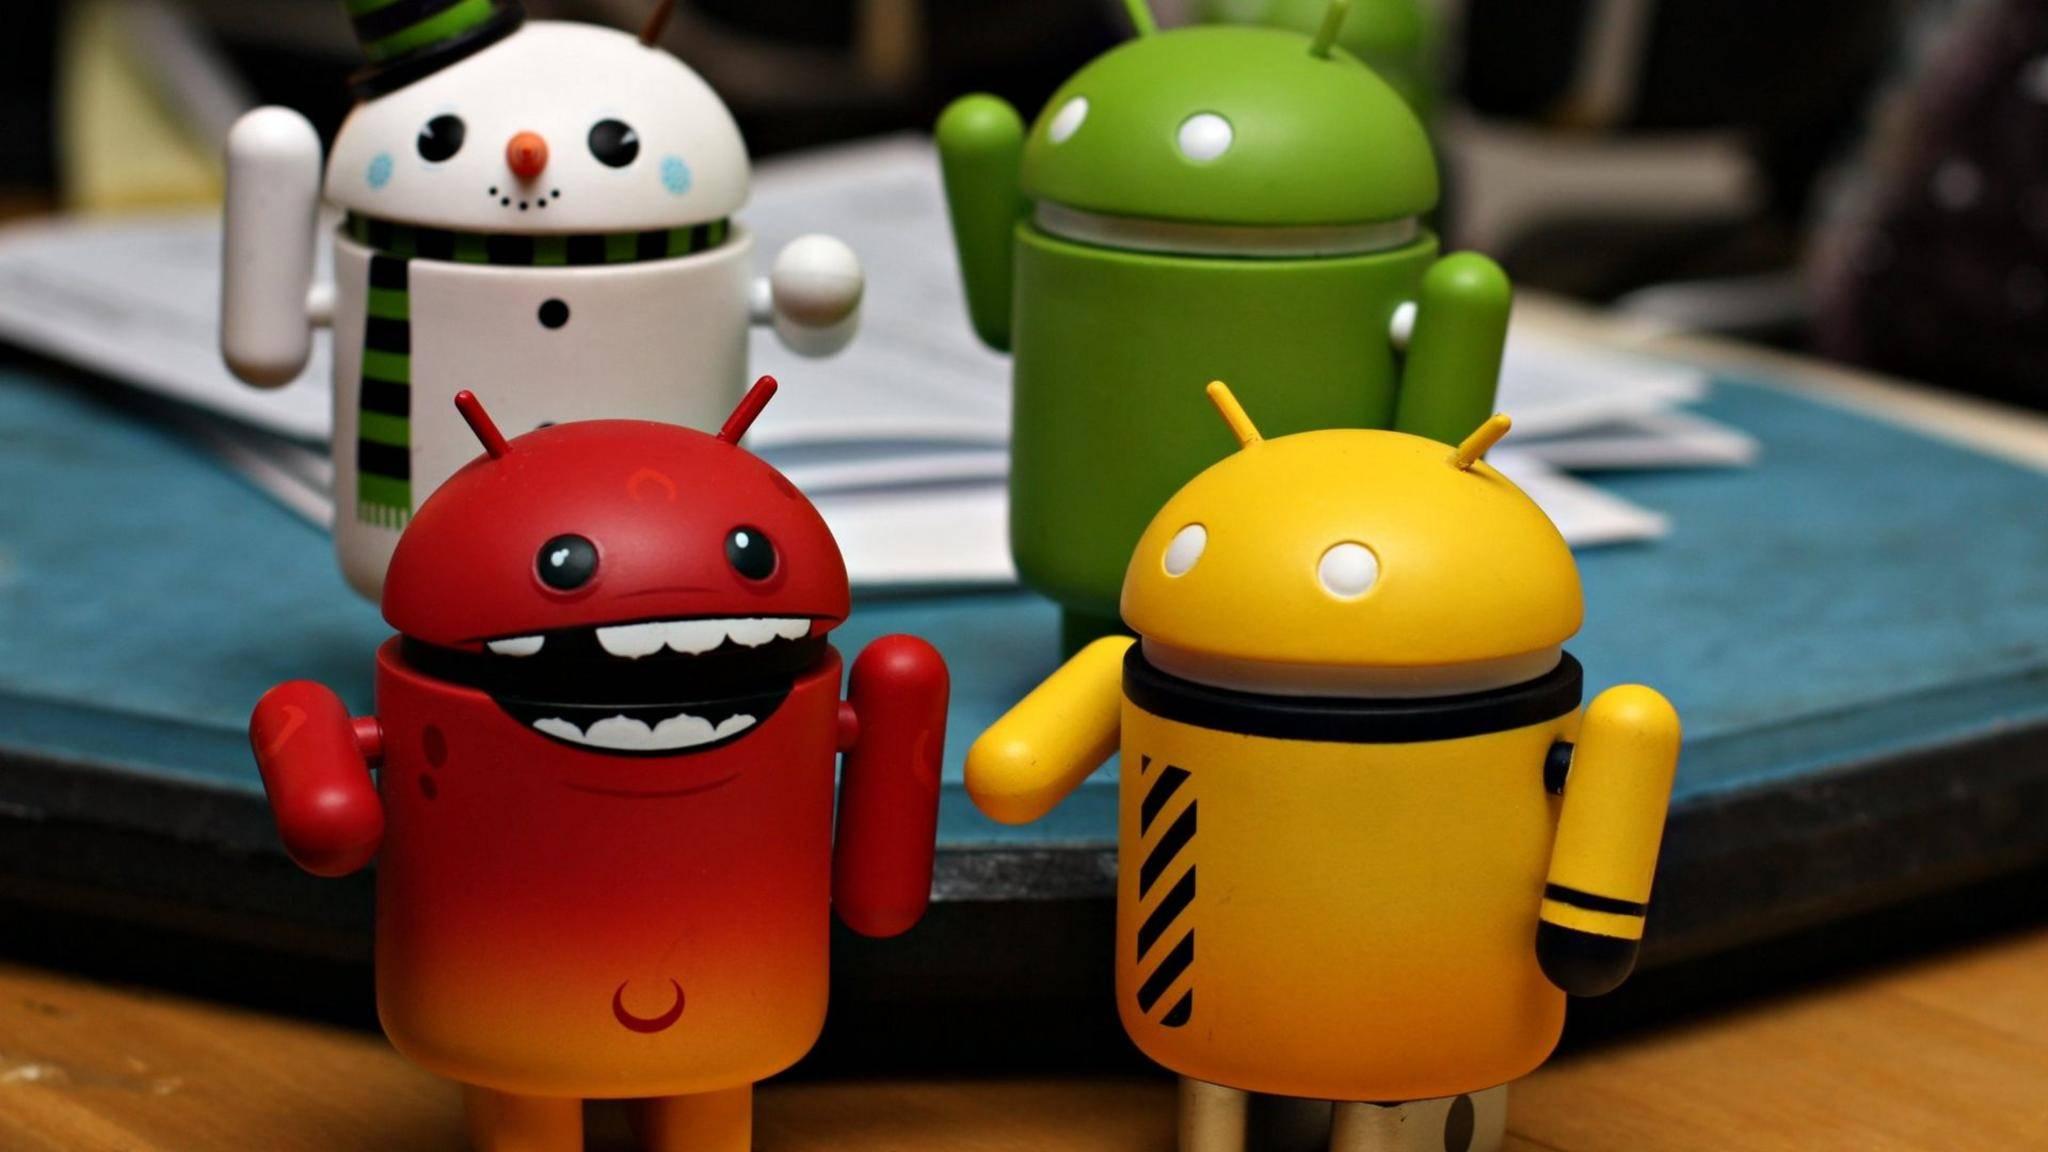 Das Android-Betriebssystem bietet viele Möglichkeiten zur Individualisierung.